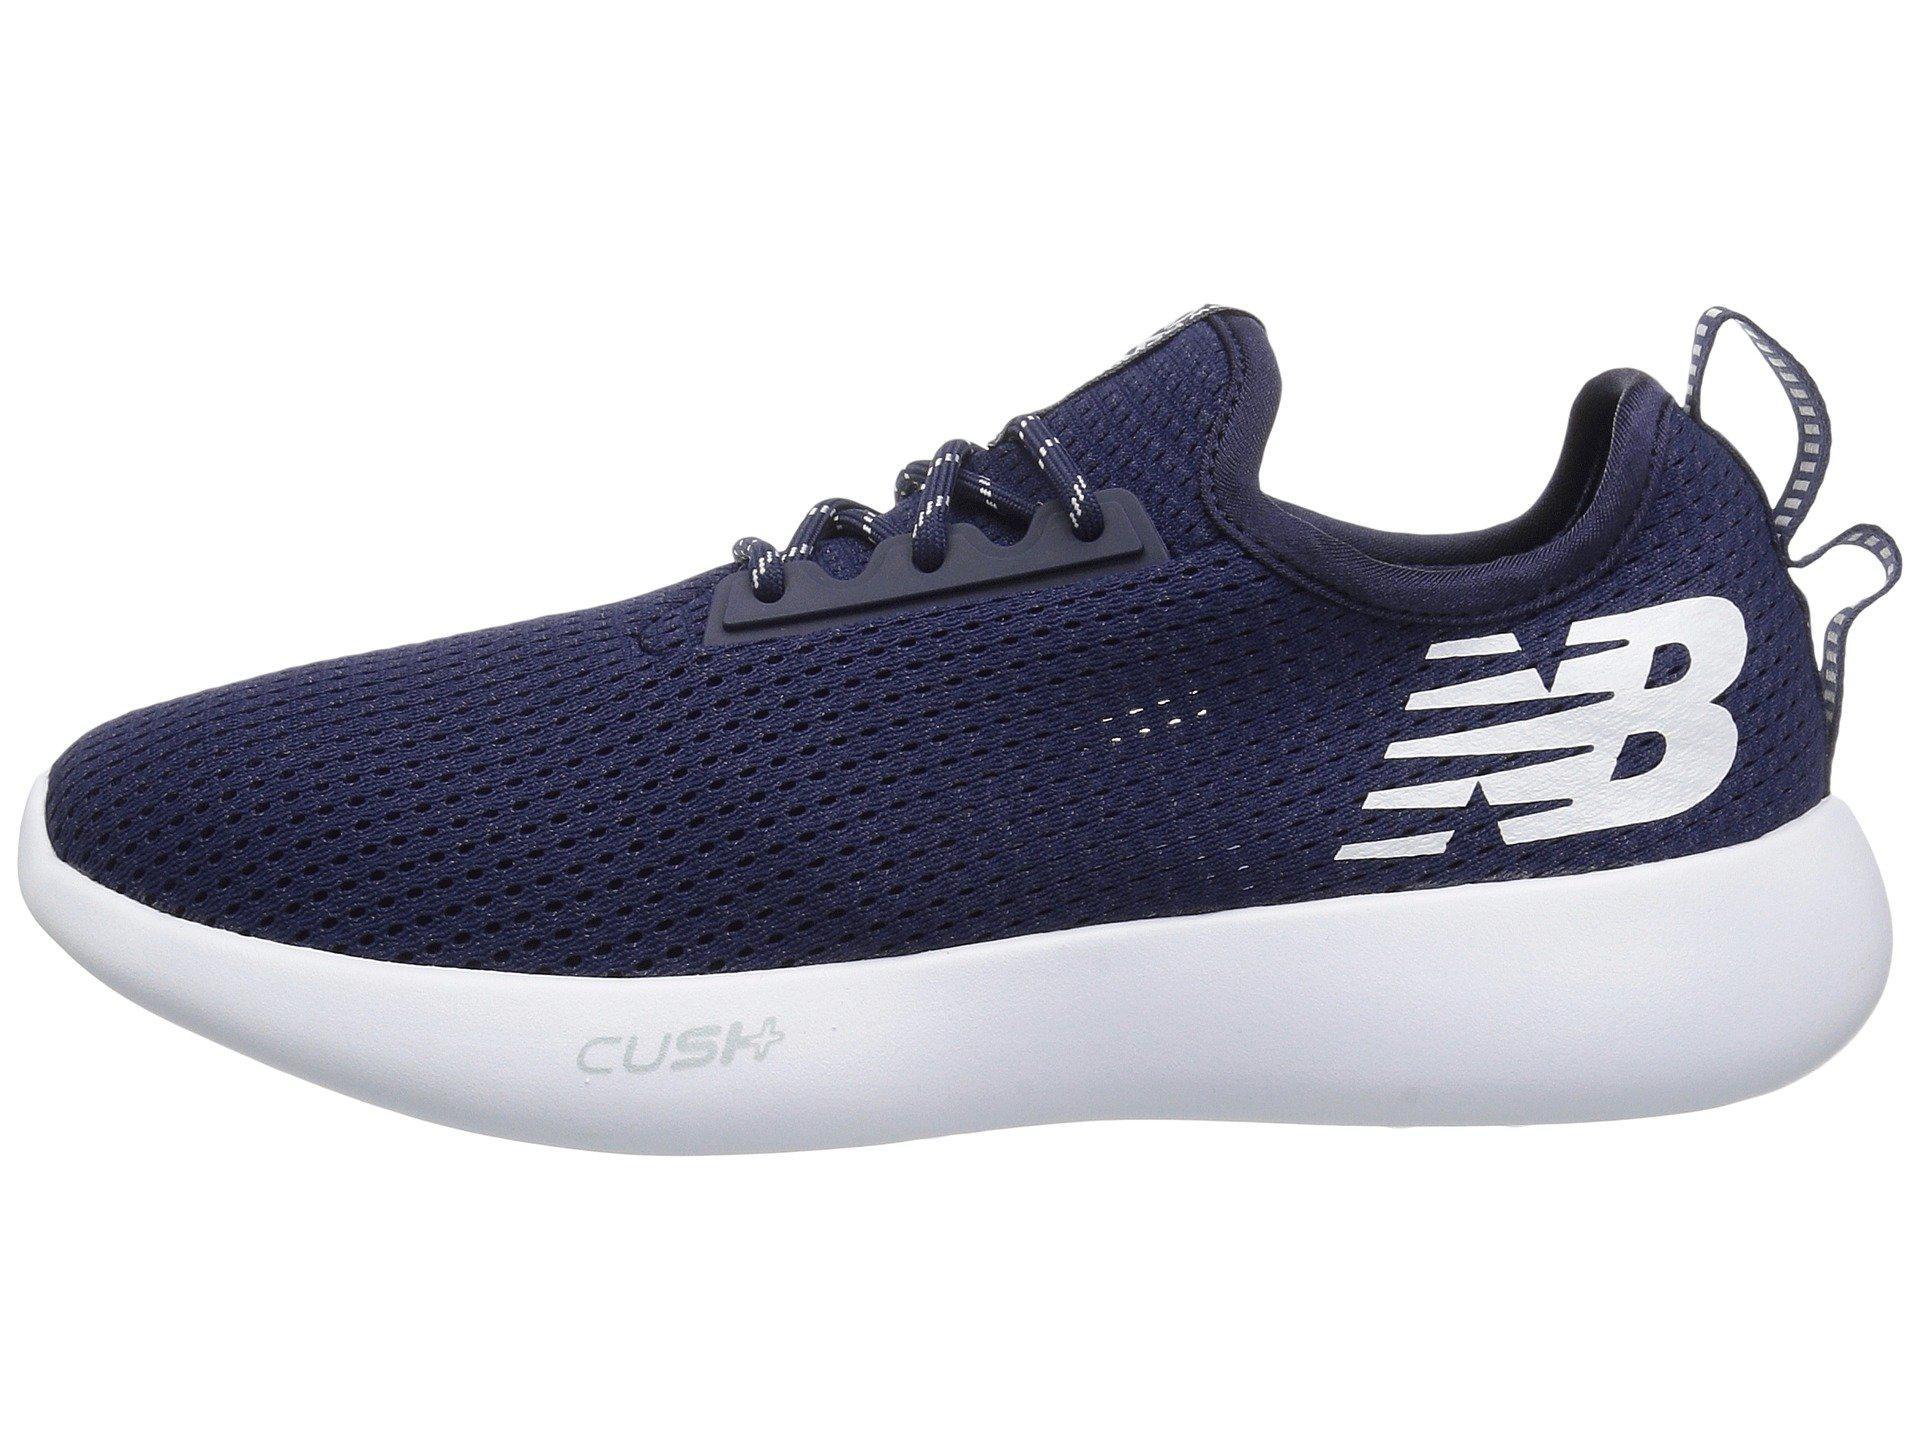 New Balance Rubber Rcvryv1 (navynavy) Shoes in Blue for Men